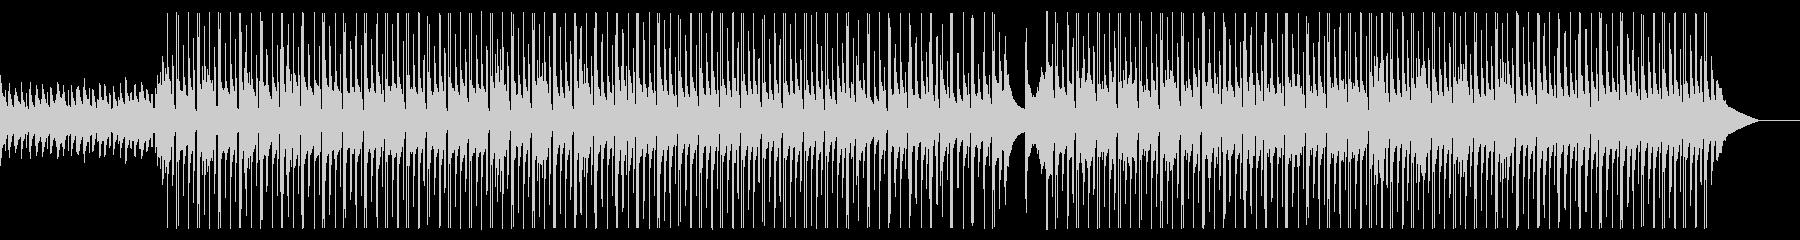 【日常系】ベルが可愛い陽気な曲の未再生の波形